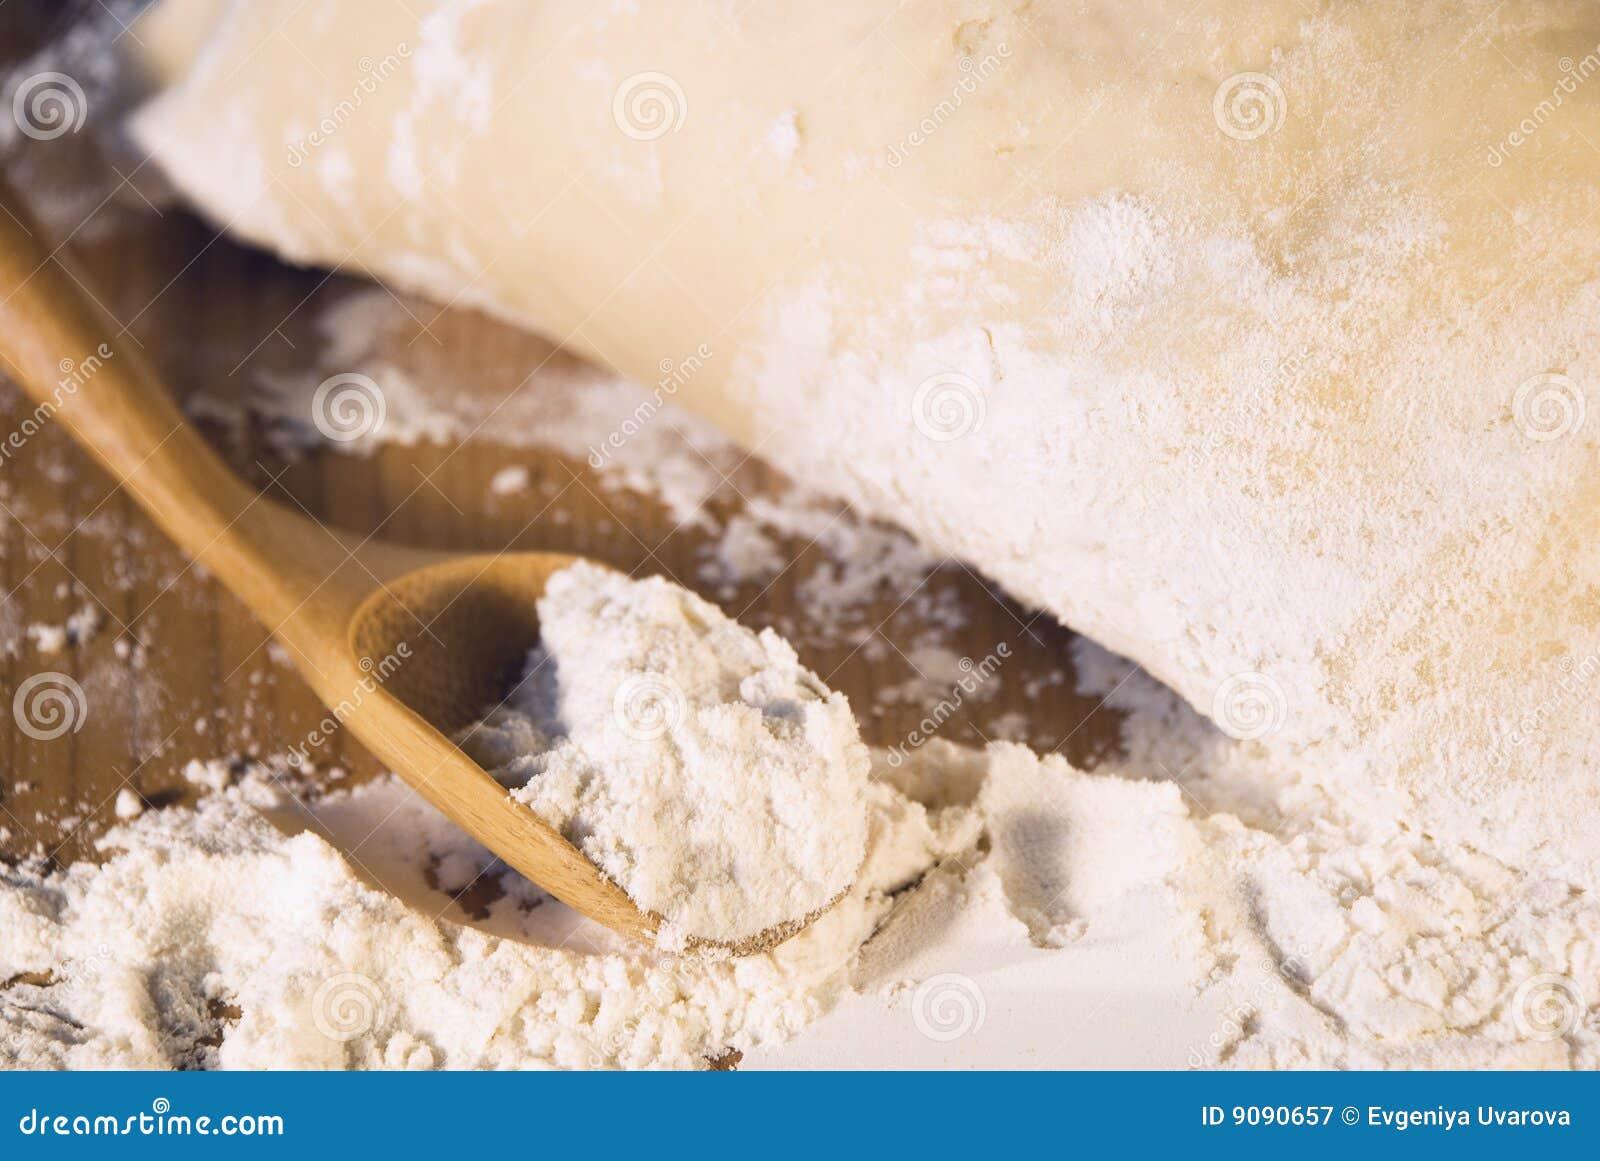 Löffel des Mehls und des Teigs